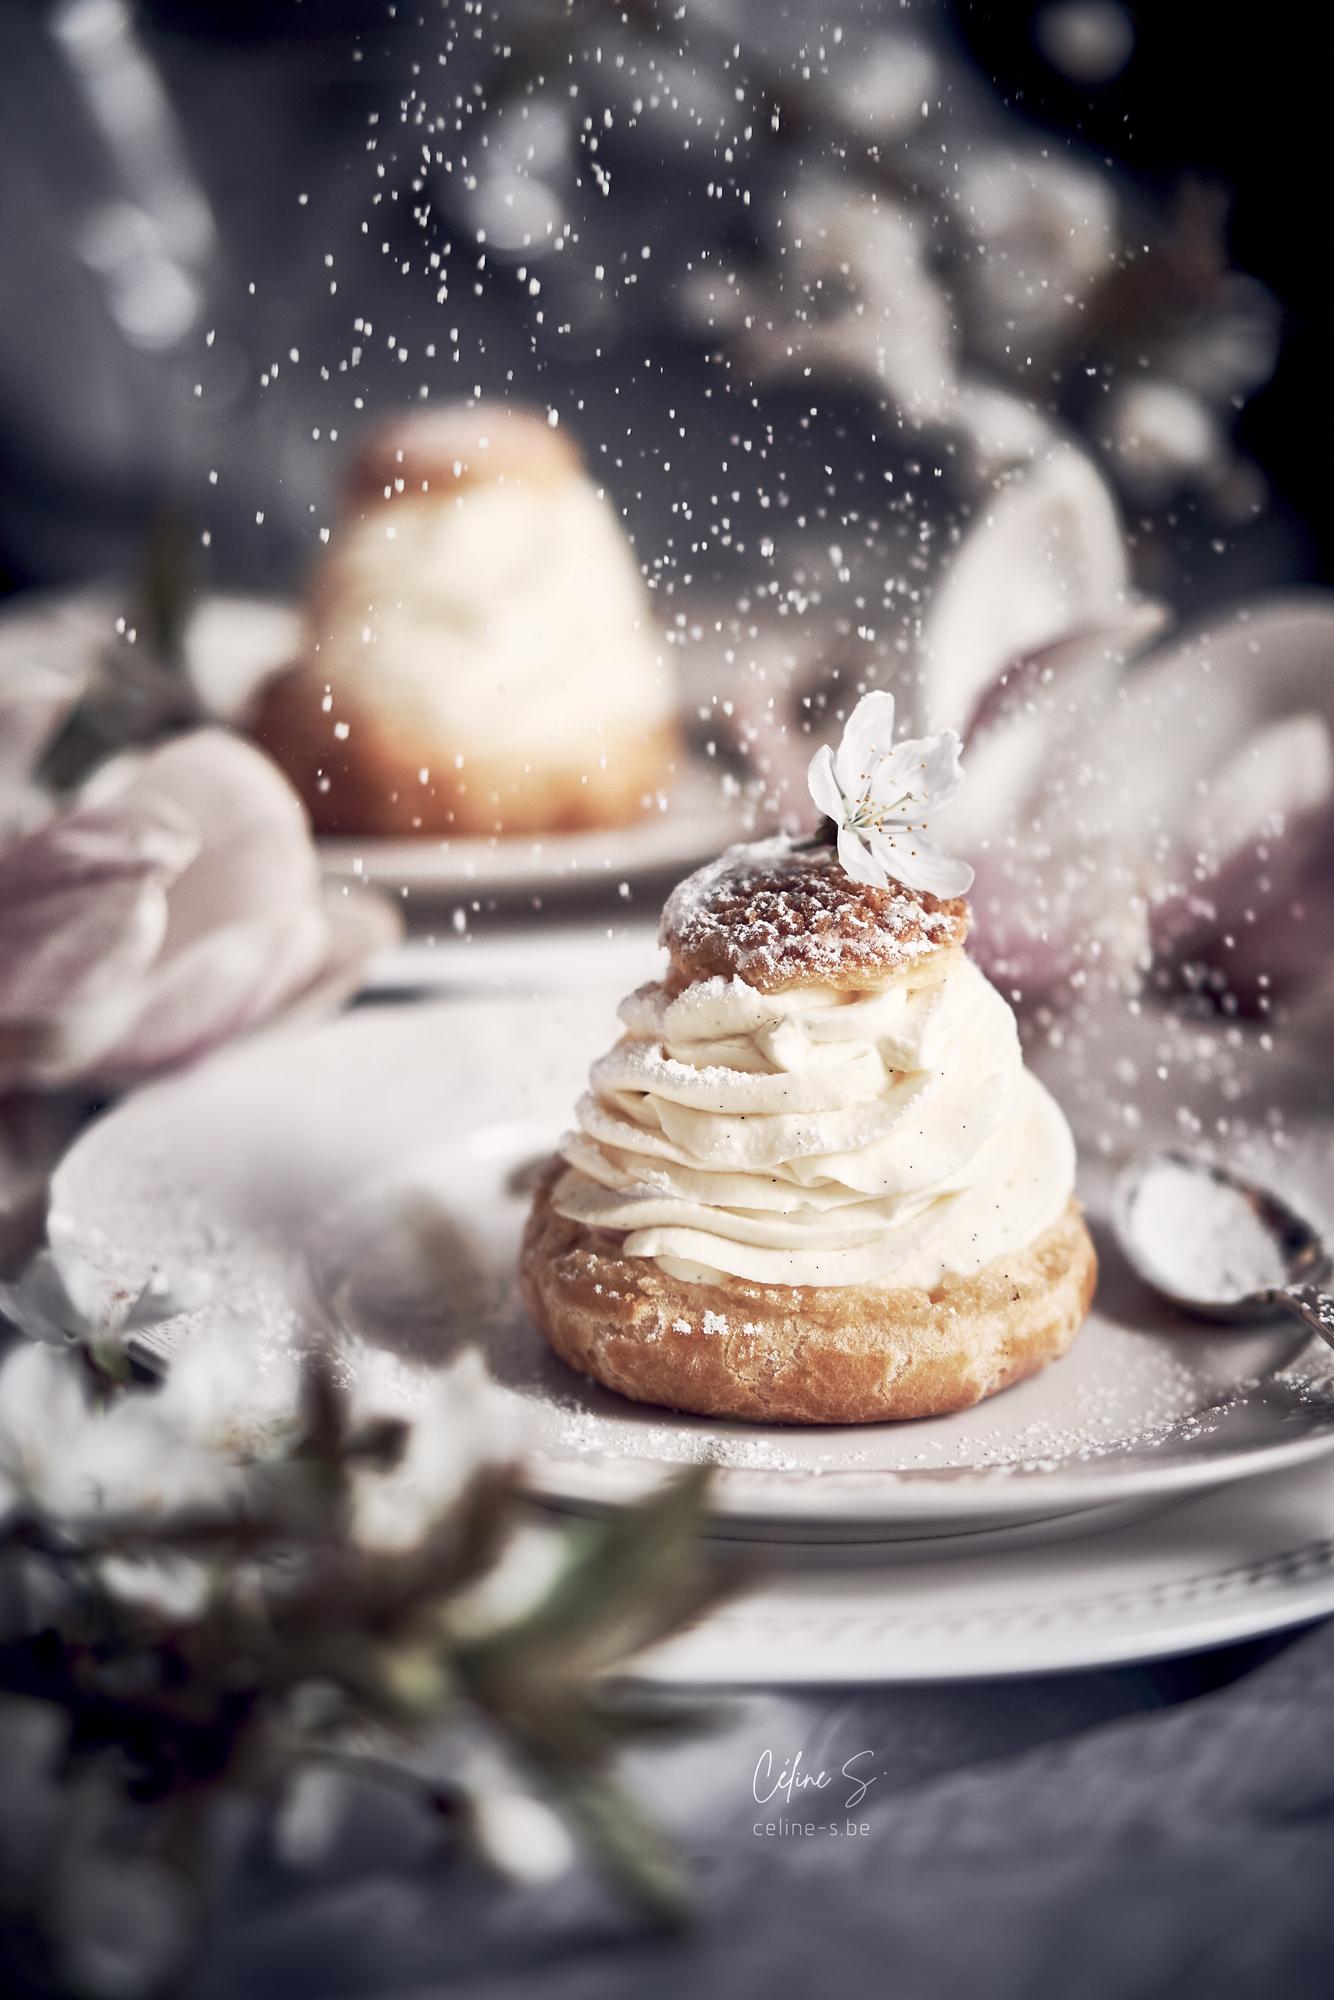 Céline Stiévenard - food photography - photographe et styliste culinaire - photo et recette de choux à la crème de mascarpone et ricotta - Liège, Belgique